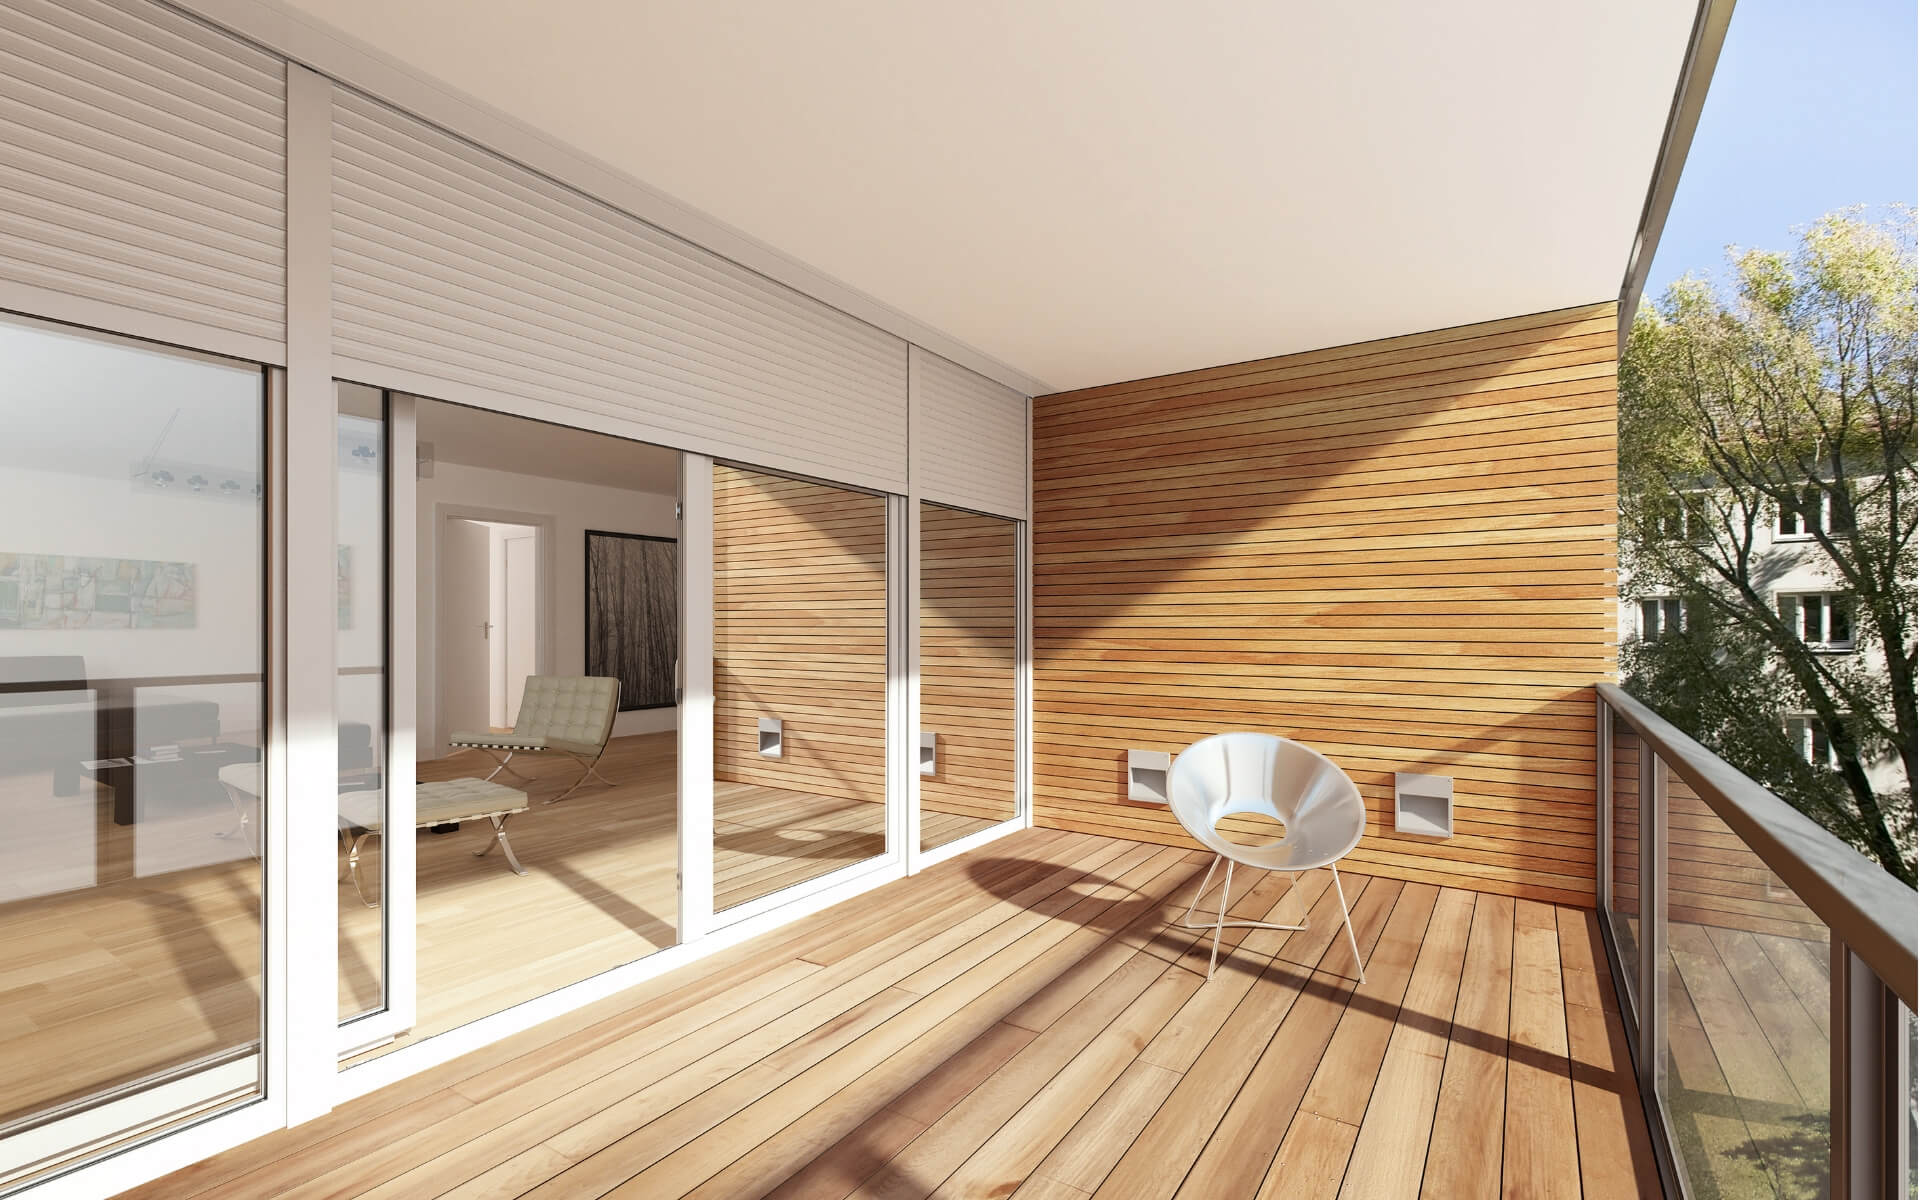 Sostituire le vecchie tapparelle e coibentare i cassonetti migliora l'isolamento termico della vostra abitazione